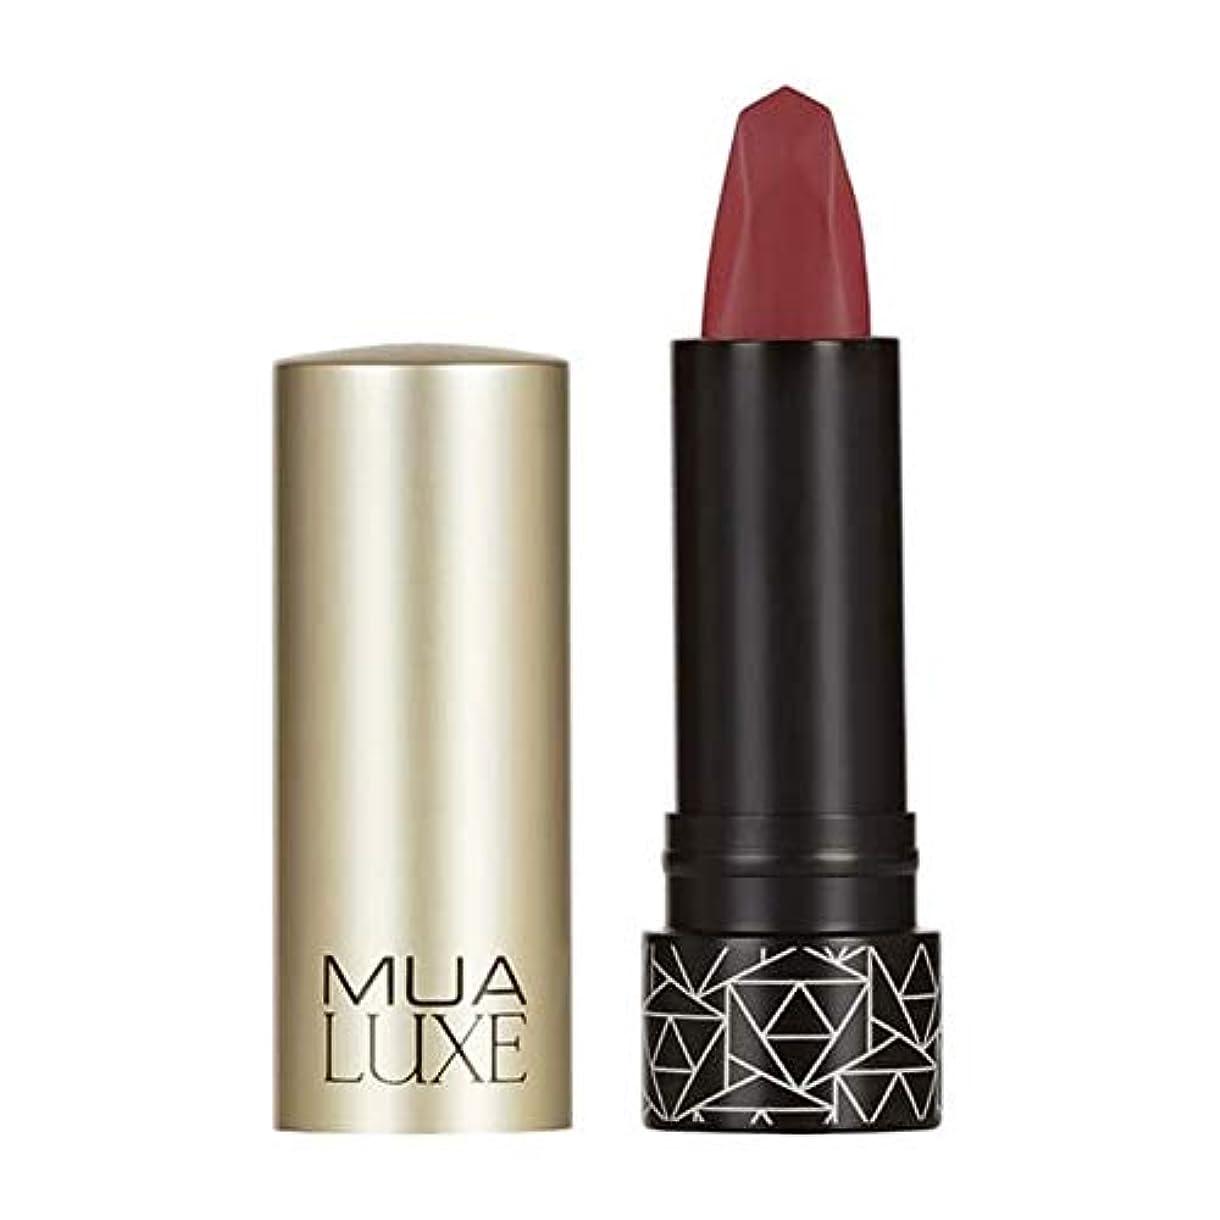 同僚製油所共和党[MUA] Muaラックスベルベットマットリップスティック#5 - MUA Luxe Velvet Matte Lipstick #5 [並行輸入品]